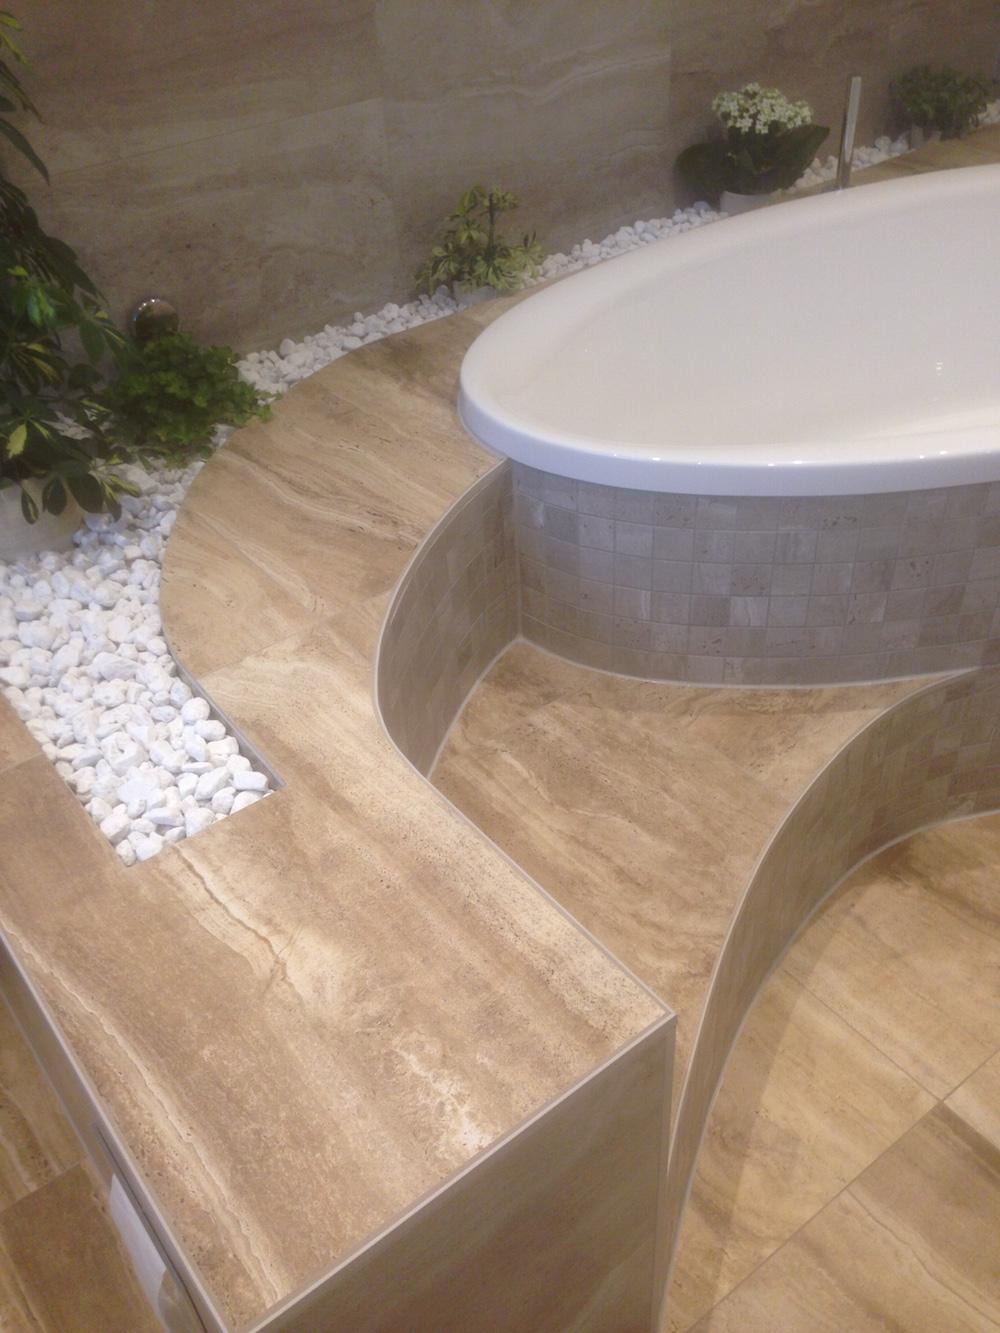 2017 bad mit eingefliester badewanne und stufen. Black Bedroom Furniture Sets. Home Design Ideas